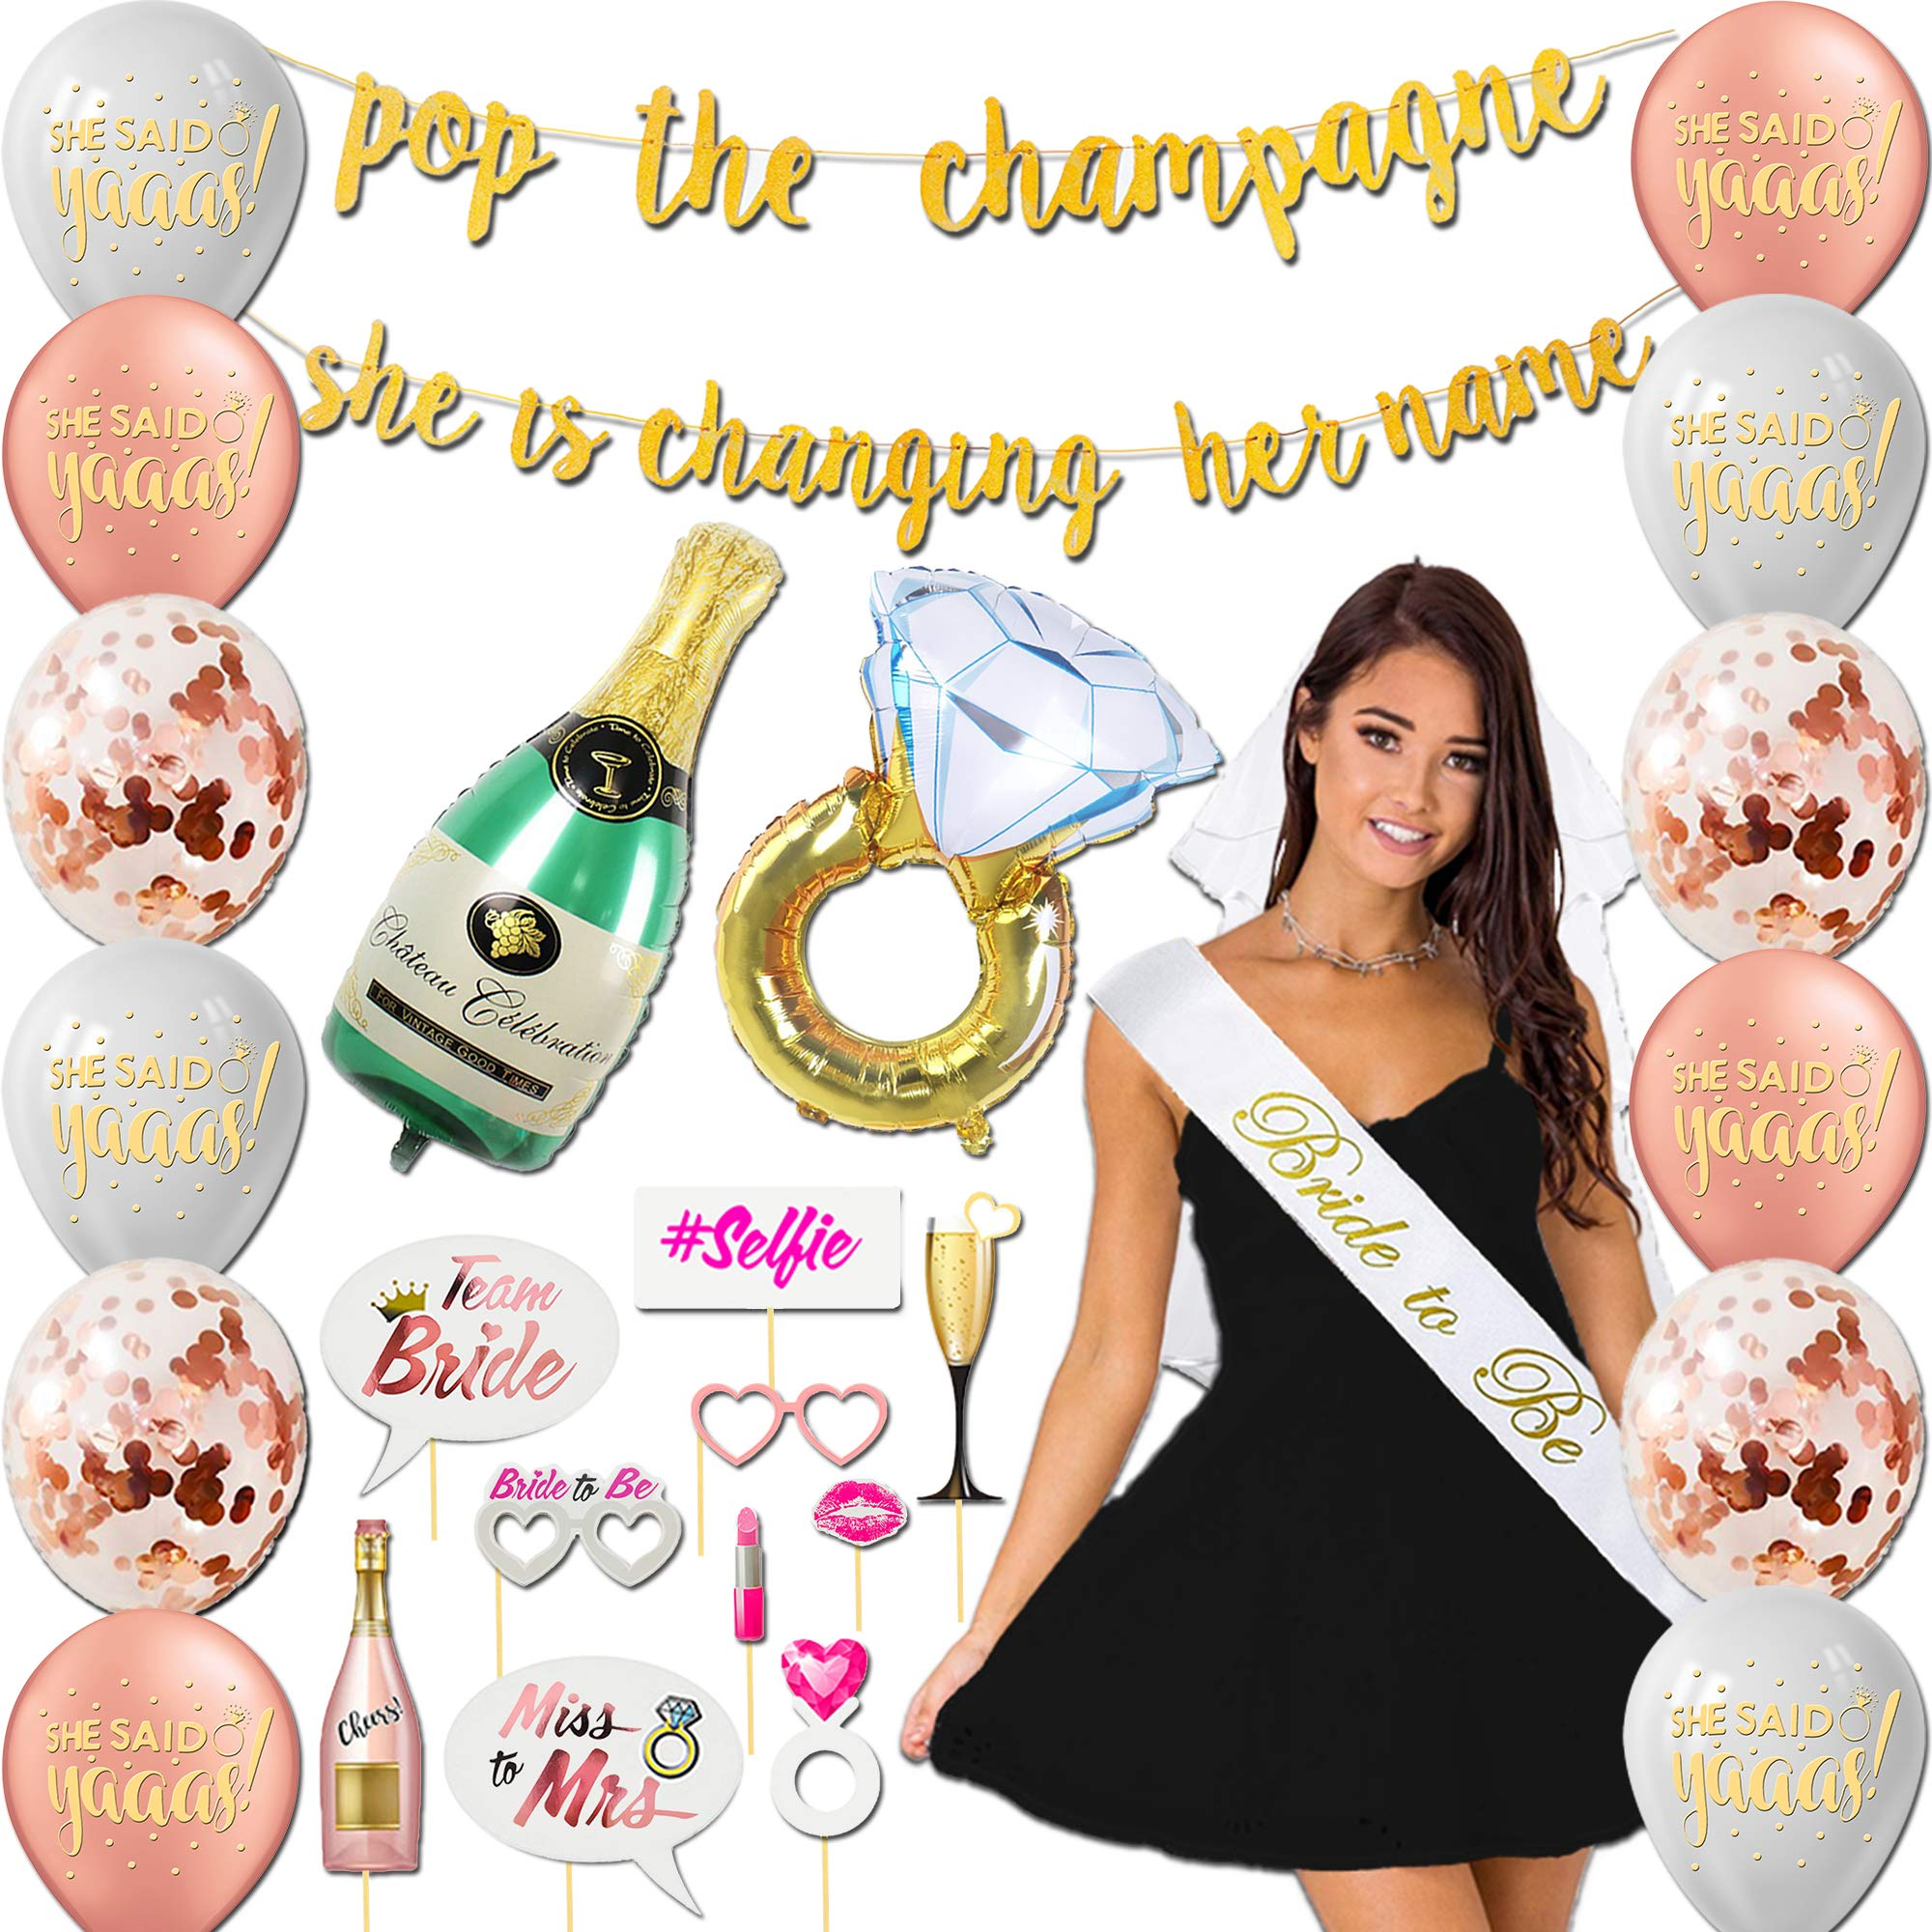 golden shop bachelorette party decorations kit bridal shower supplies bride to be sash